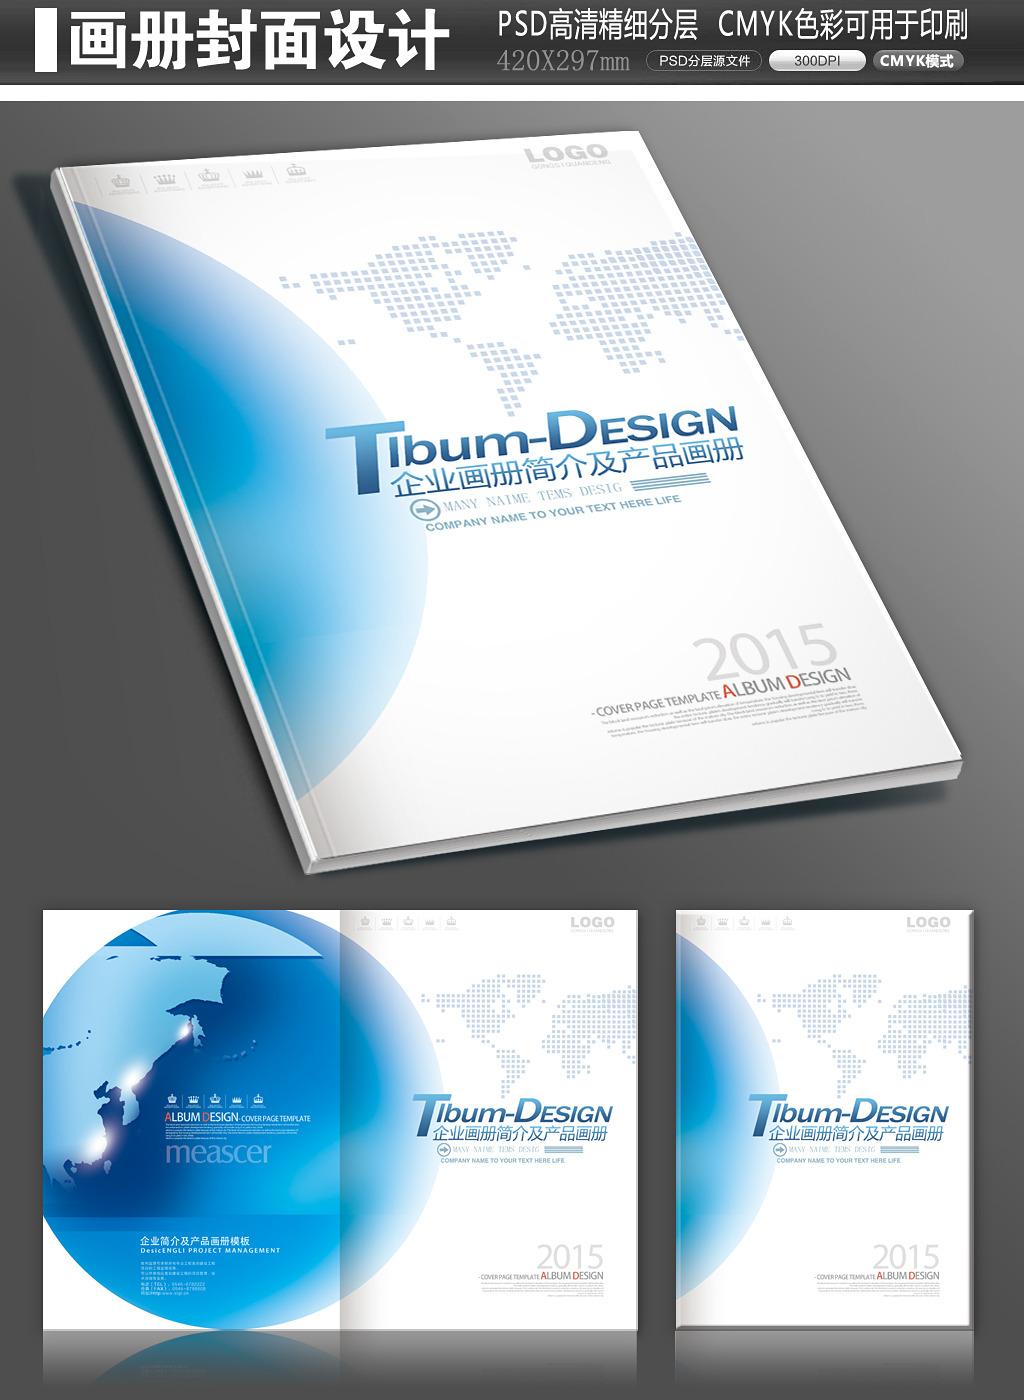 地产 投标书 电子商务 蓝色背景 宣传册 蓝色画册 产品画册 电脑数码